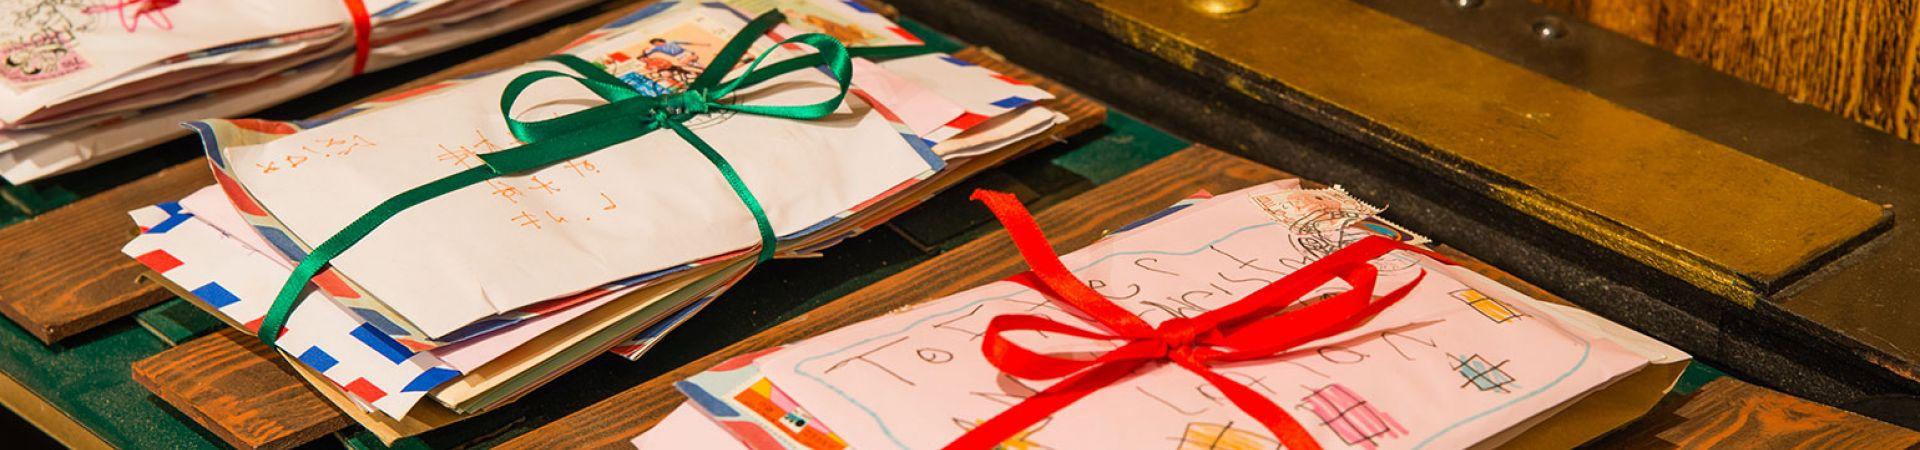 Visit Santa Claus - Letters To Santa Lapland